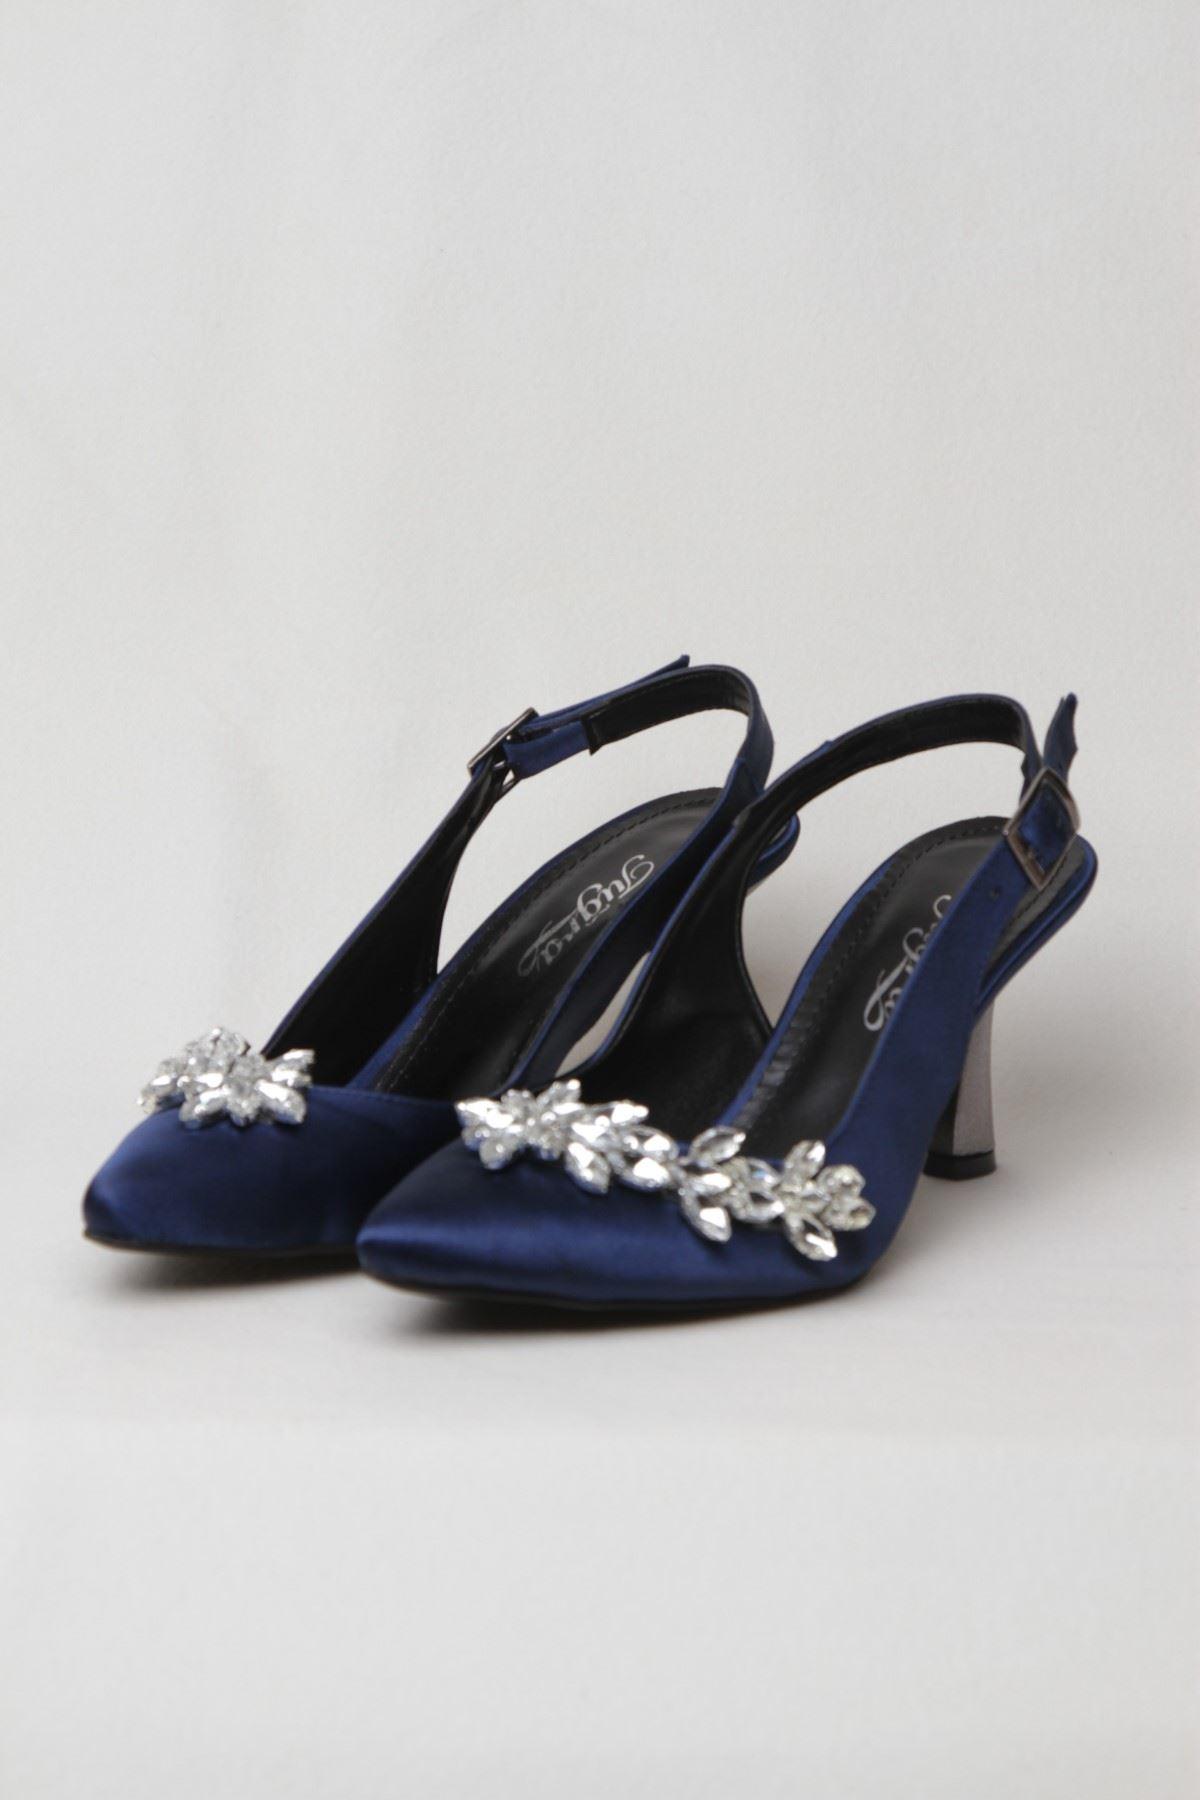 Kadın Taşlı Abiye Ayakkabı - Lacivert